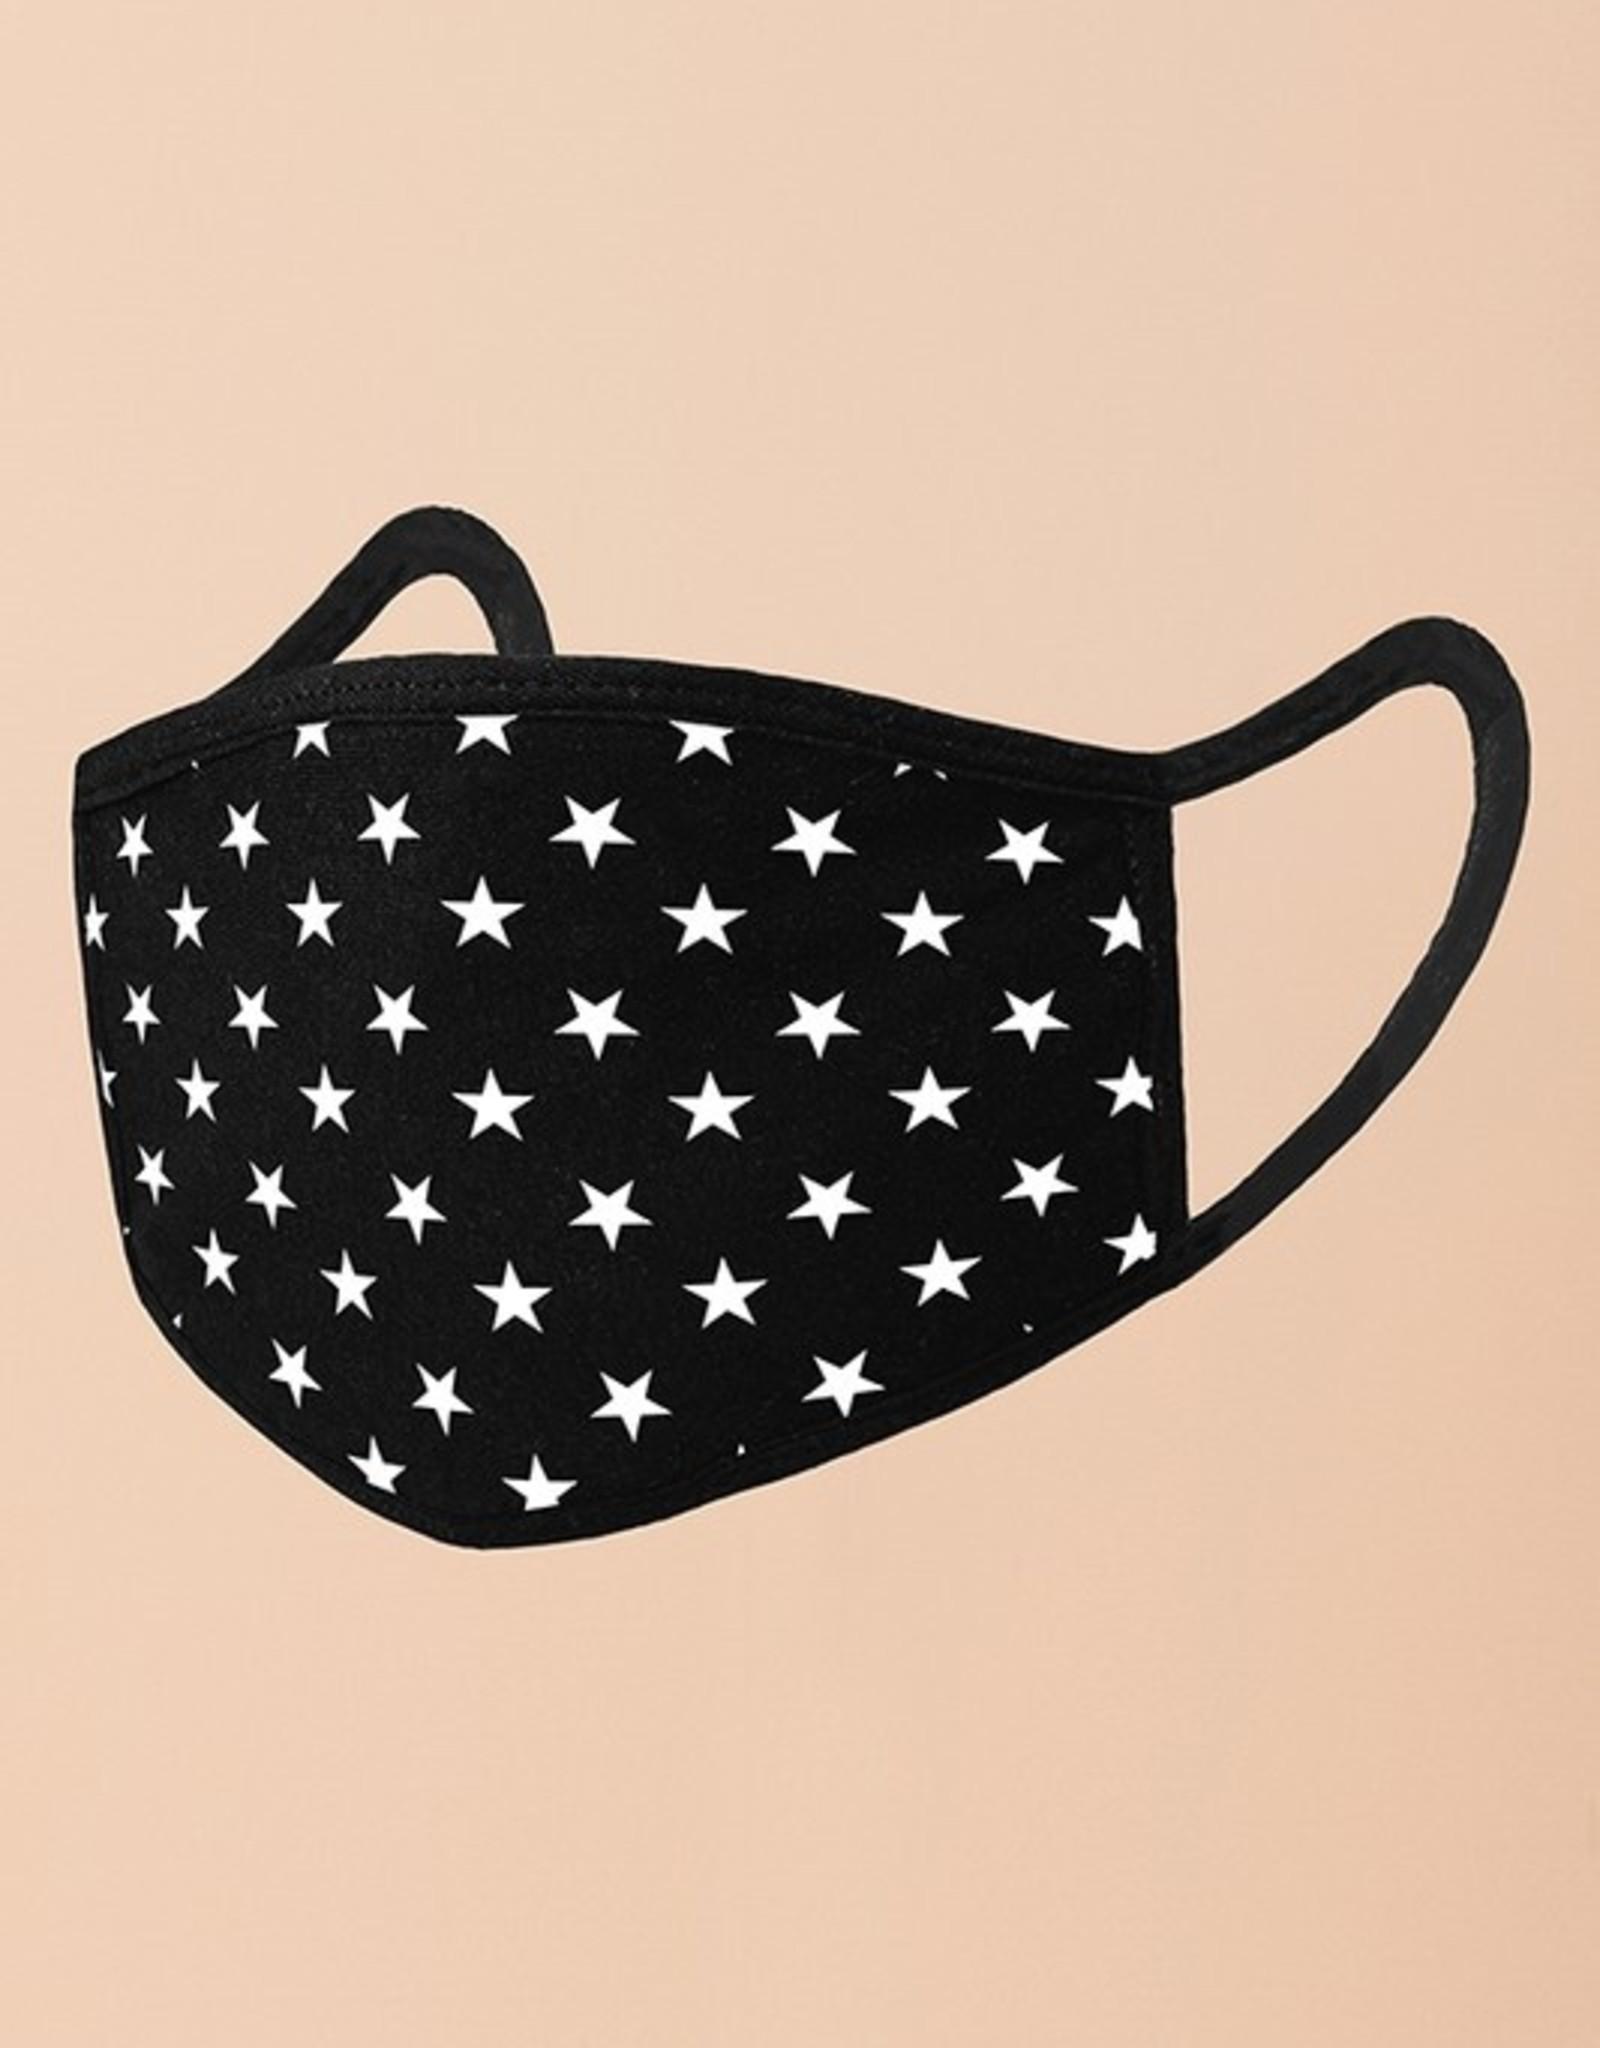 allover stars mask